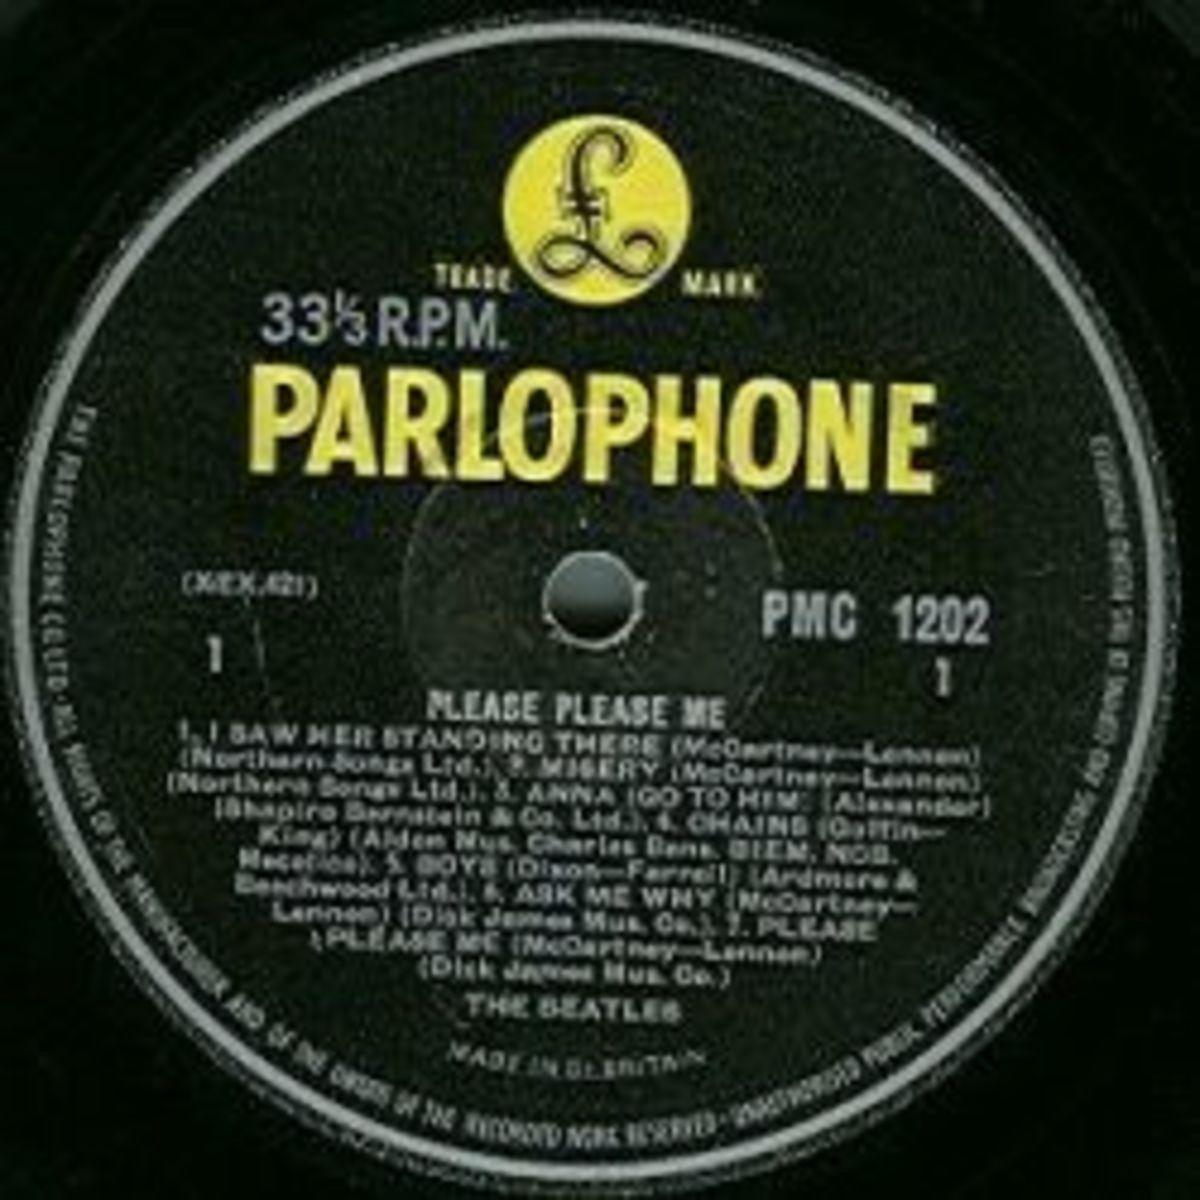 The Beatles Please Please Me Mono PMC 1202 Yellow Parlophone Vinyl Record Album